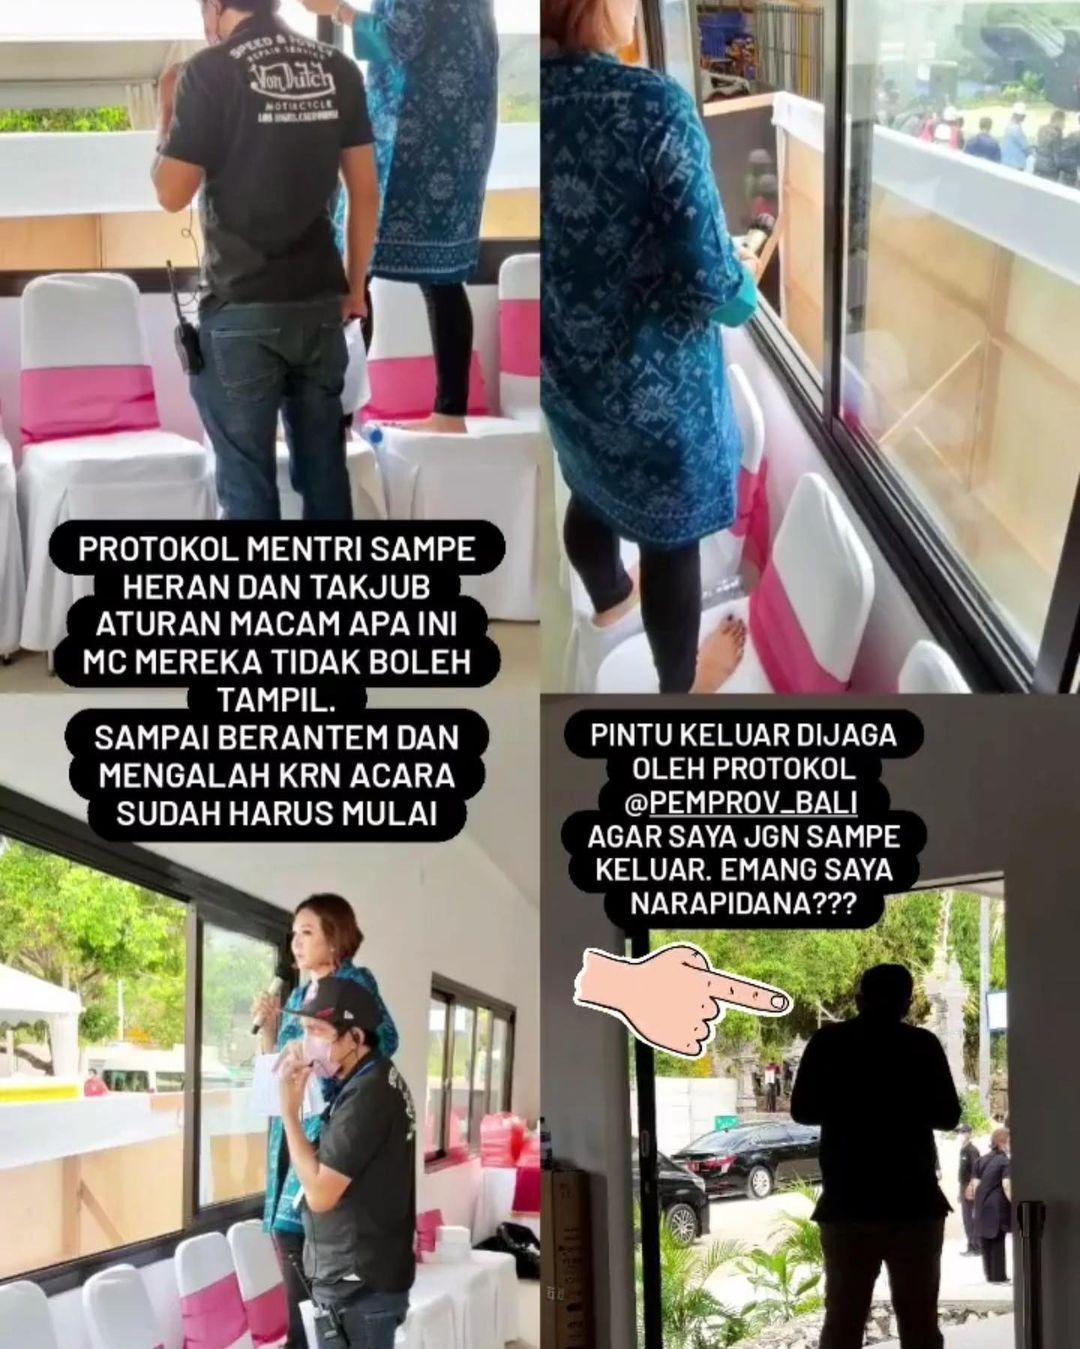 Diskriminasi Perempuan Event di Bali